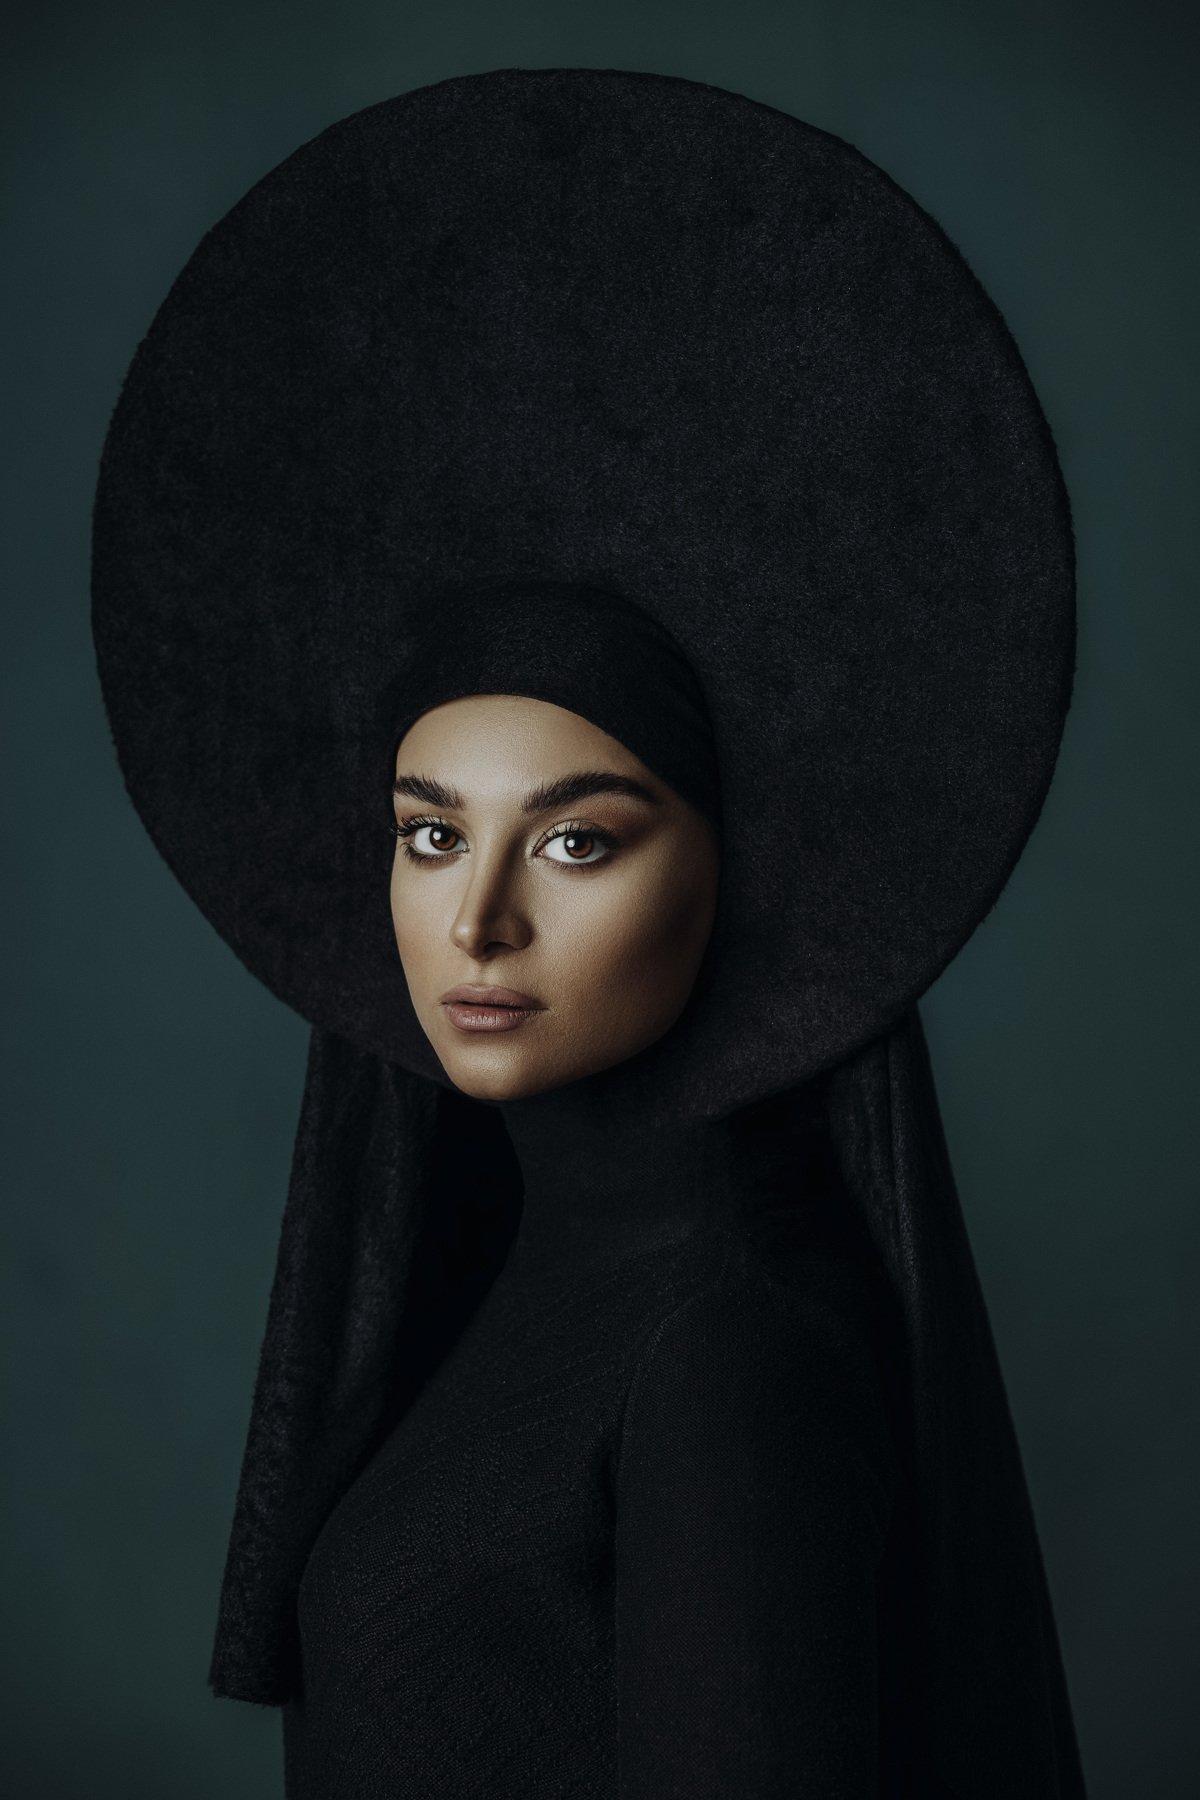 #aminhamidnezhad#portrait#photoshoot, Amin hamidnezhad